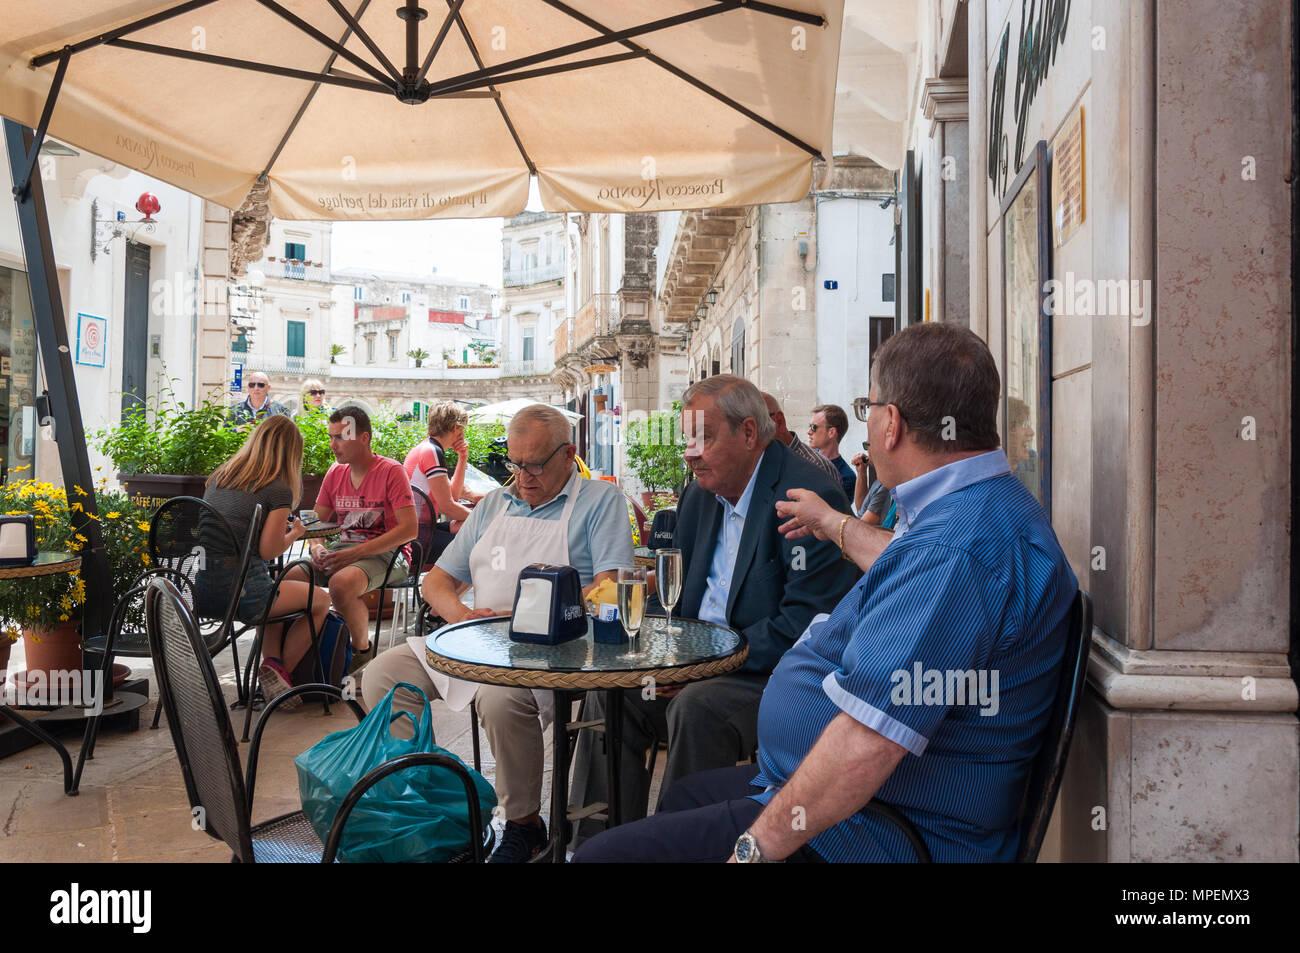 Martina De Cafe Drink